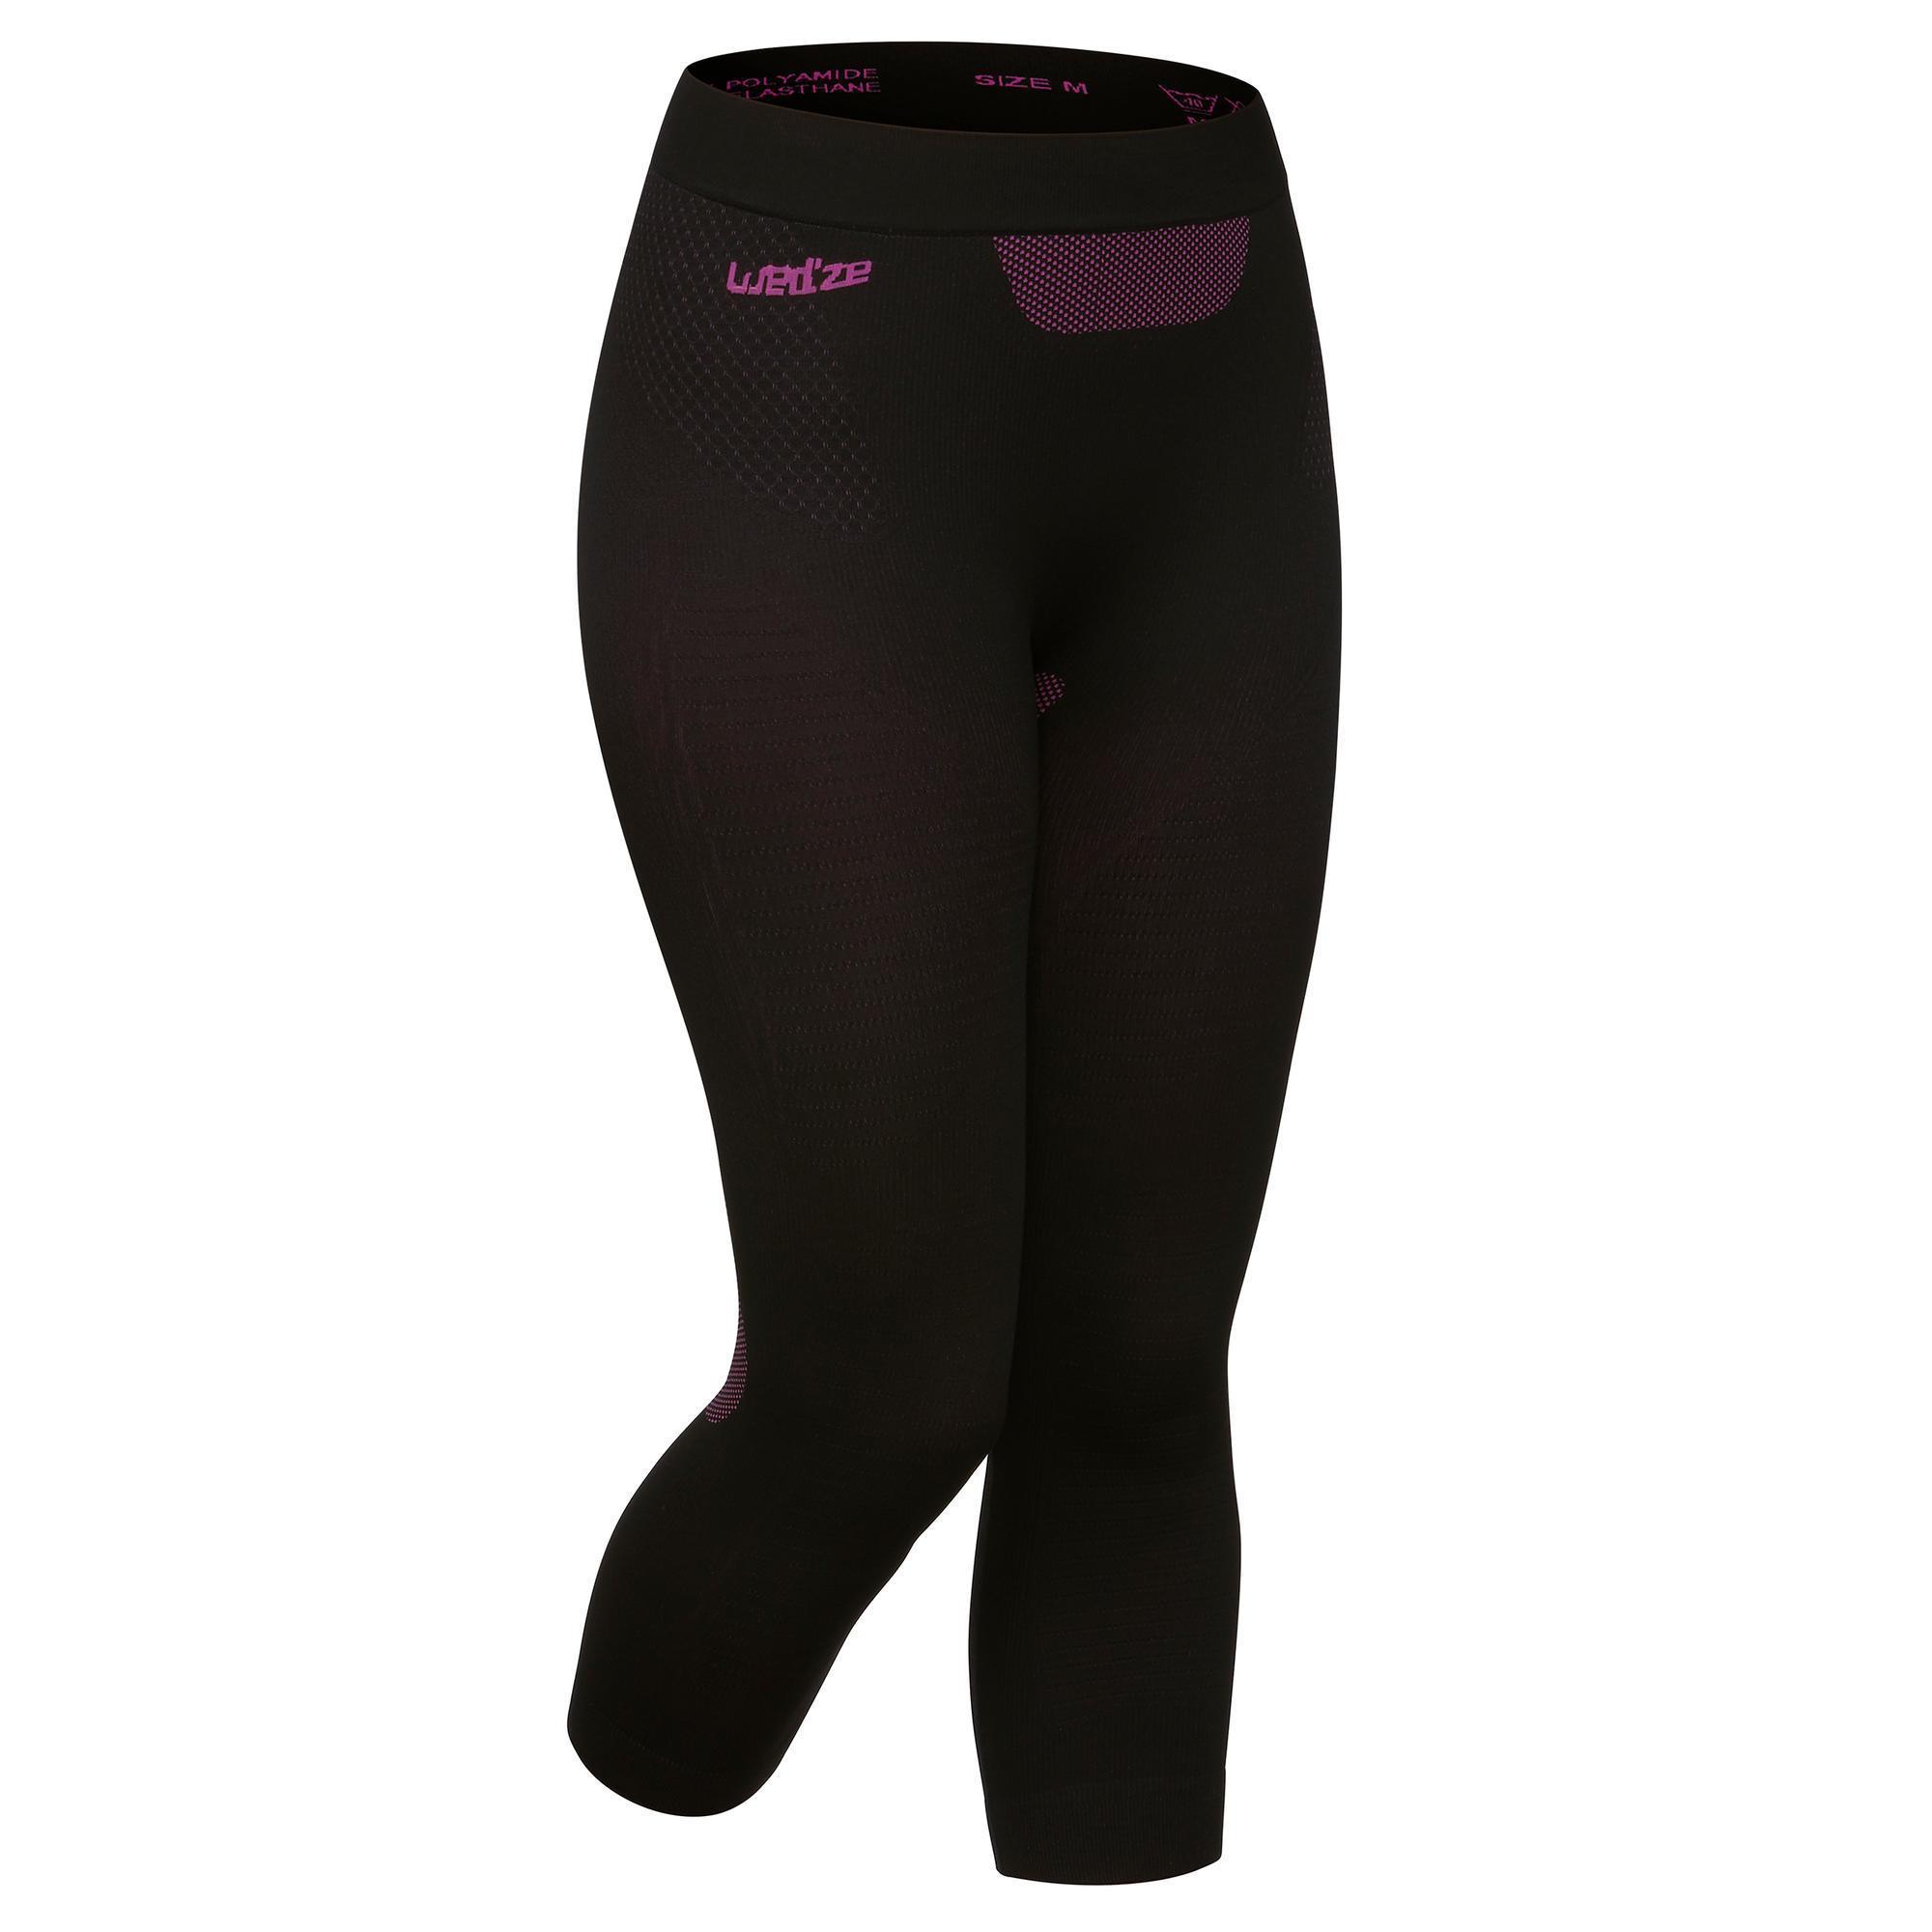 Skiunterhose Funktionshose I-Soft Damen schwarz | Sportbekleidung > Funktionswäsche > Thermounterwäsche | Schwarz - Rosa | Polyamid | Wed´ze